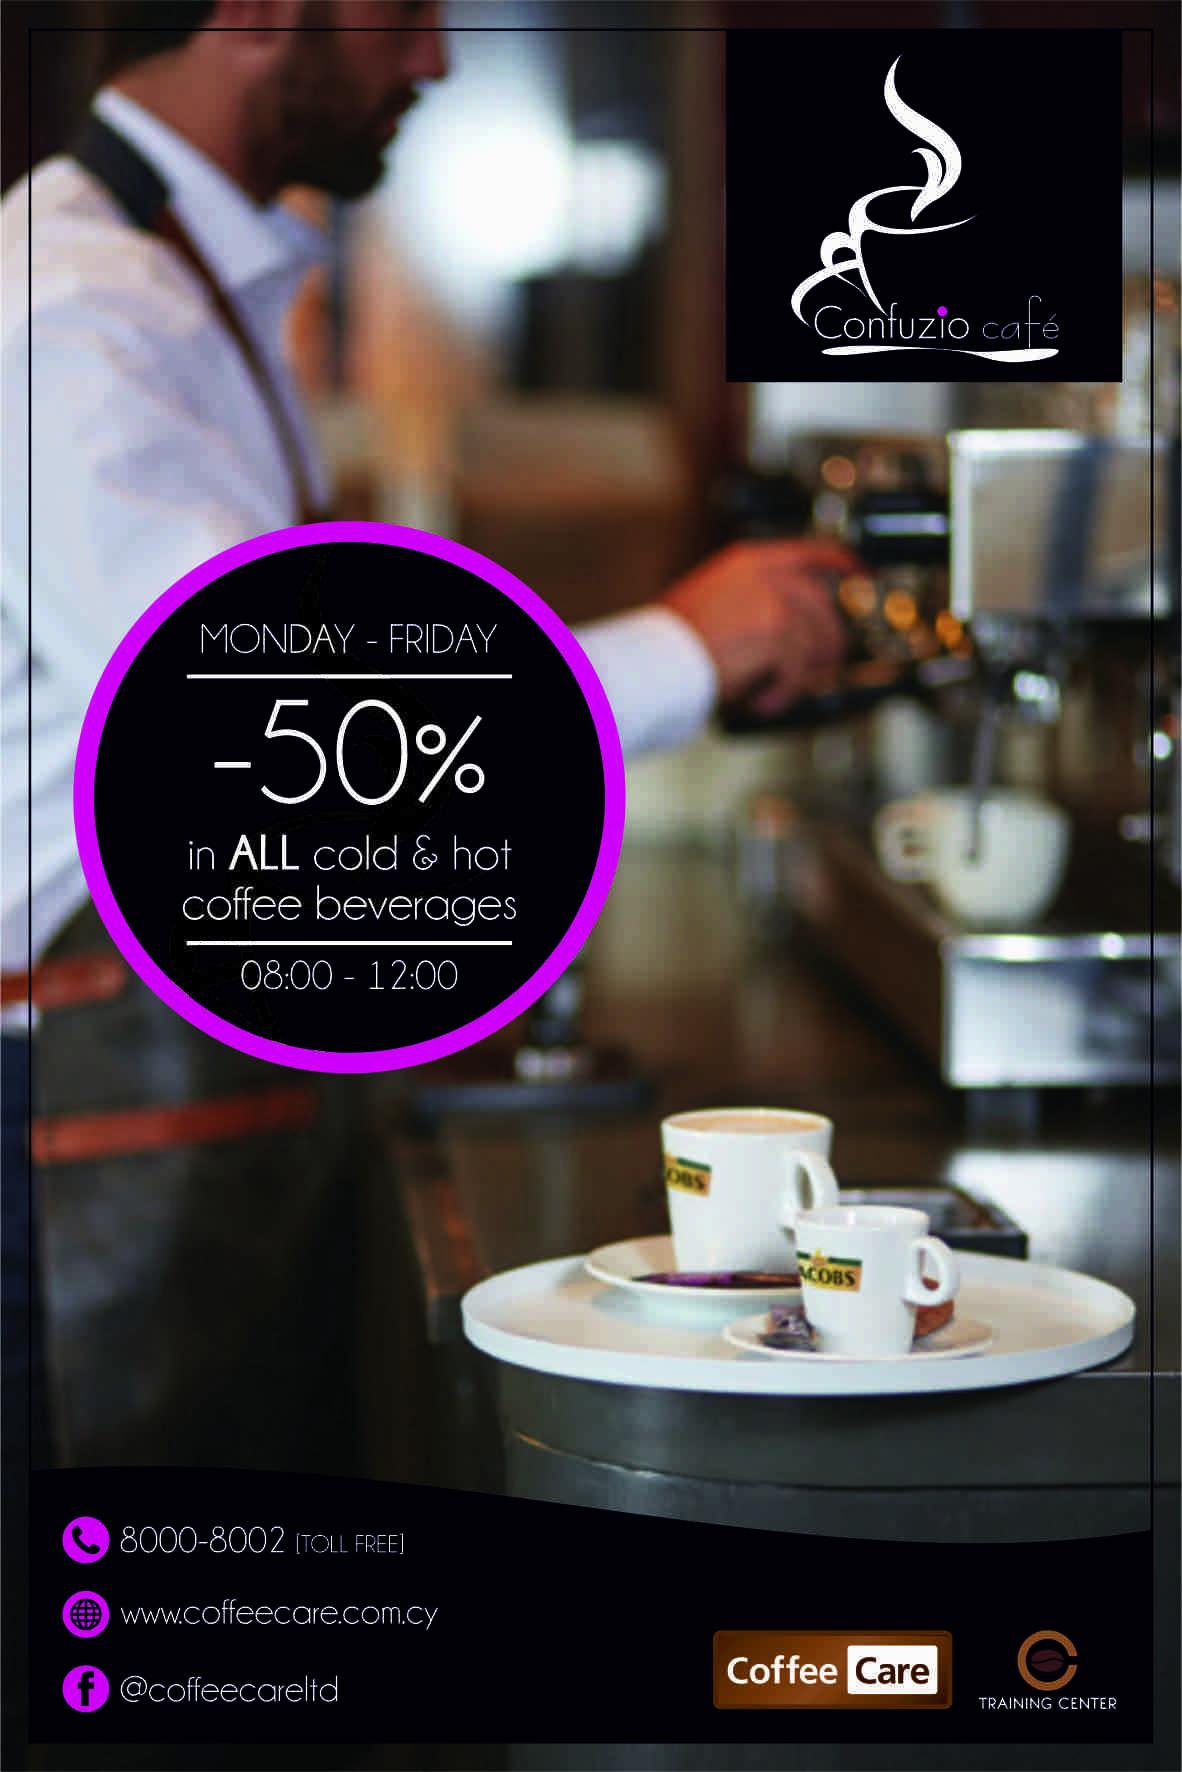 CoffeeCare-A5-confuzio-8-2-18-print